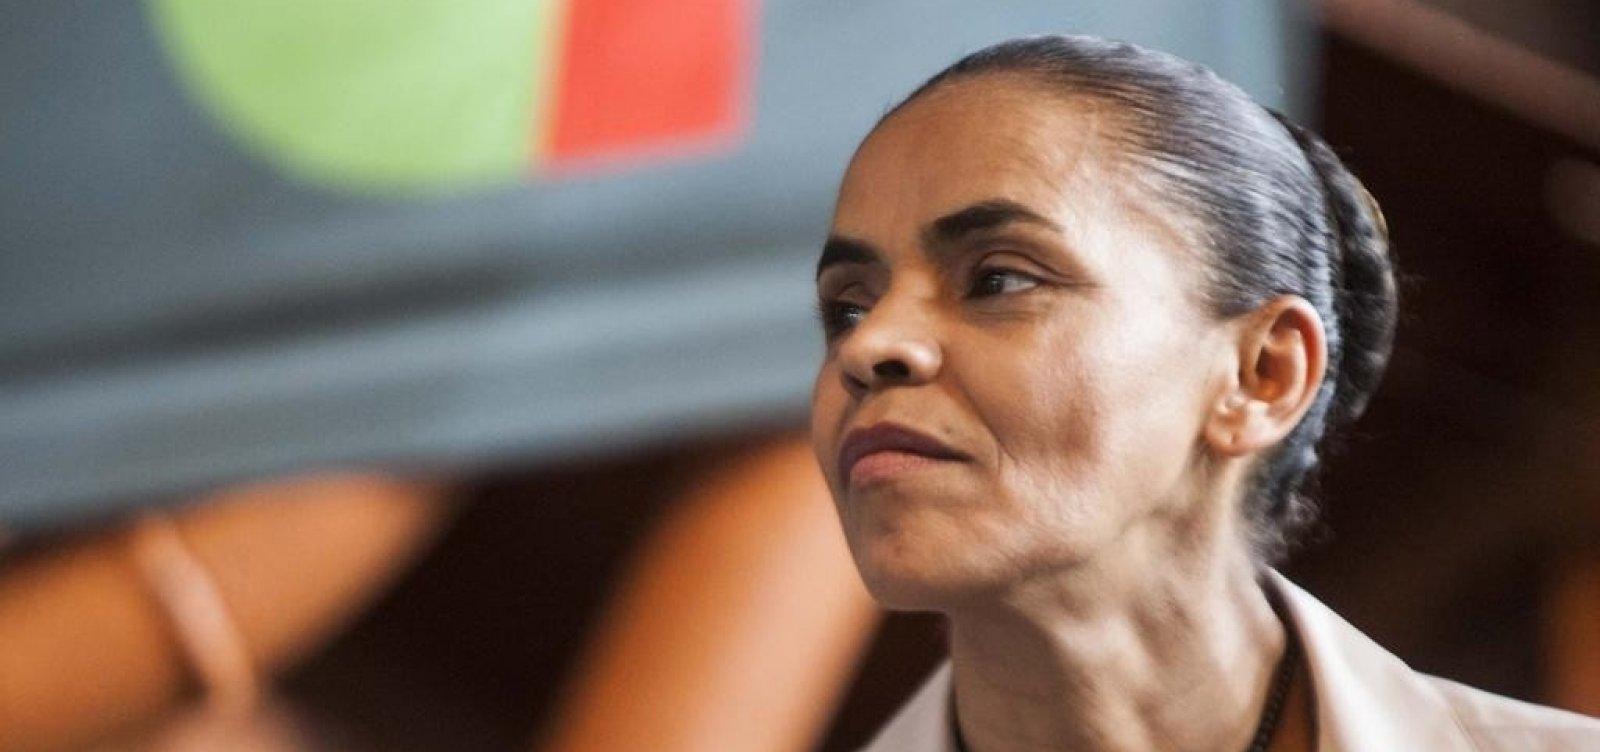 Presidente da Fundação Palmares exclui Marina Silva da lista de personalidades negras do órgão